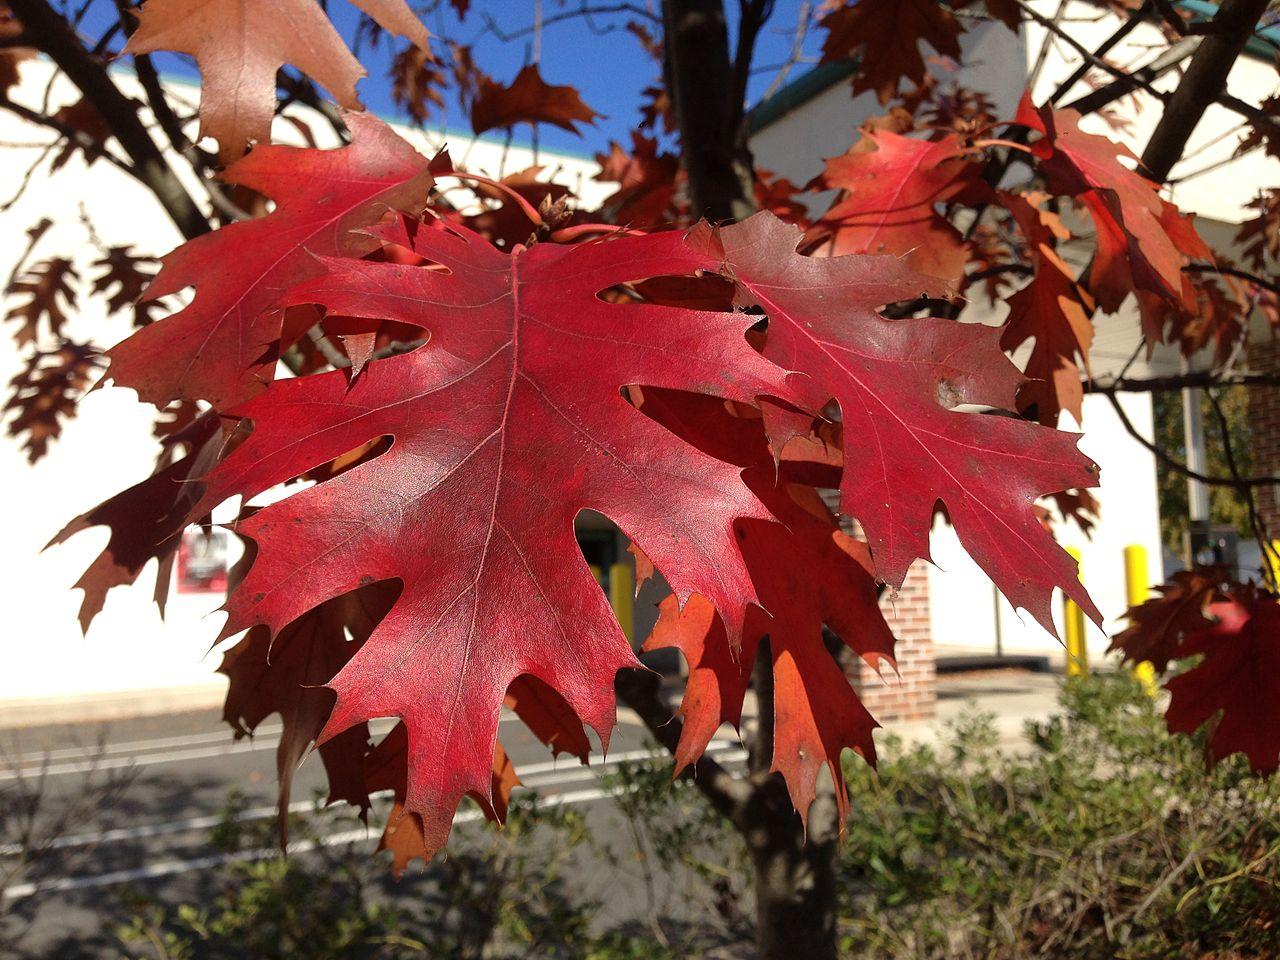 Image of red oak foliage. Oak wilt is most severe in red oaks.